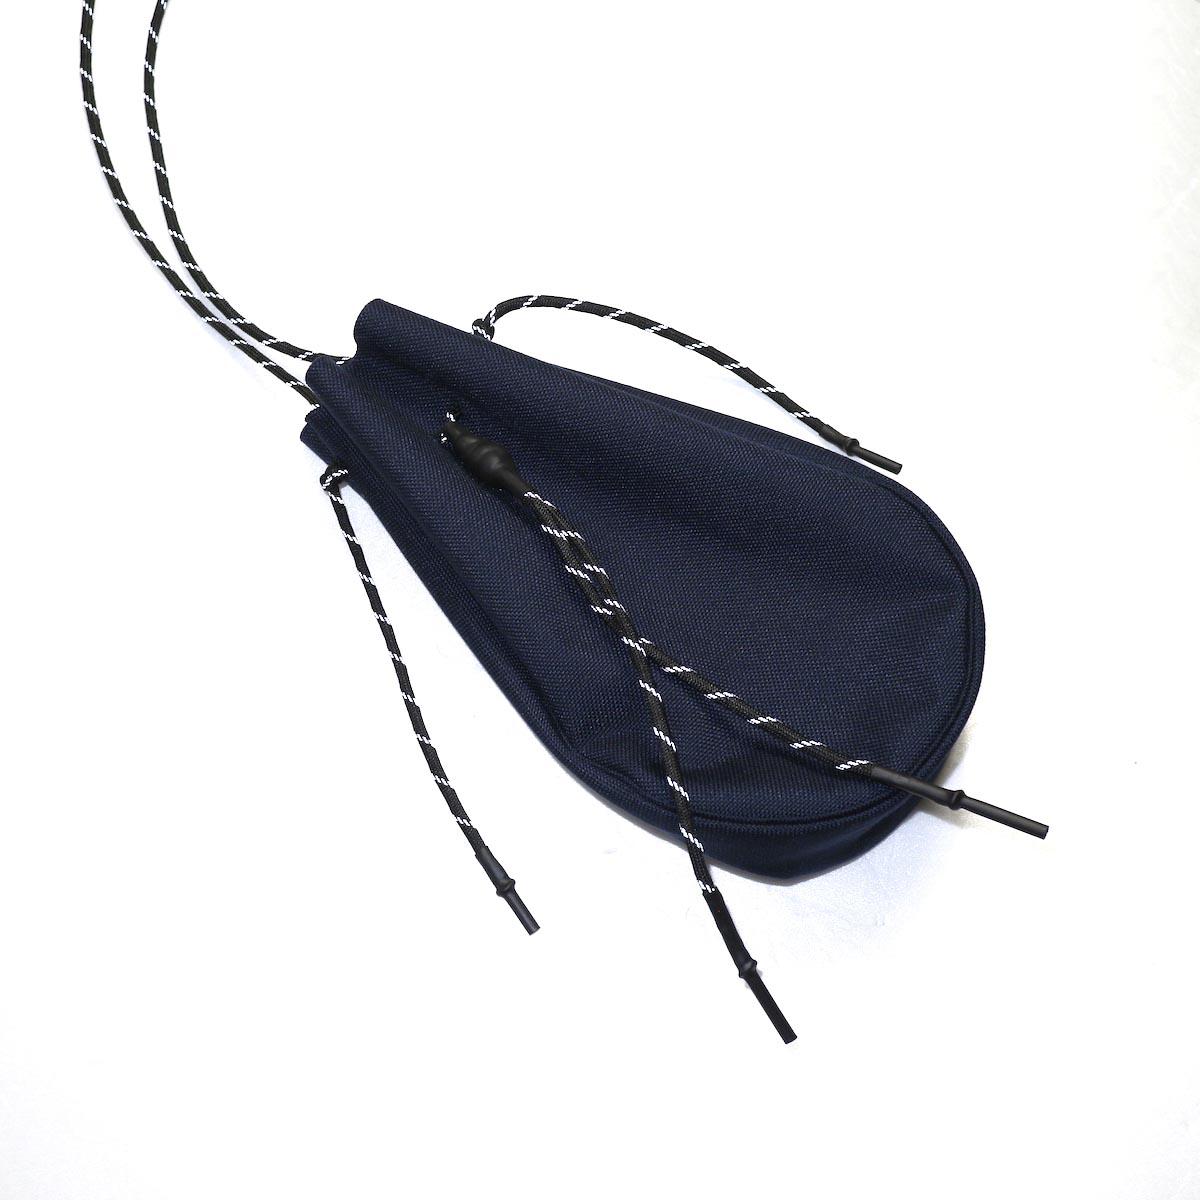 吉岡衣料店 / drawstring bag -S-. イメージ (dark navy)